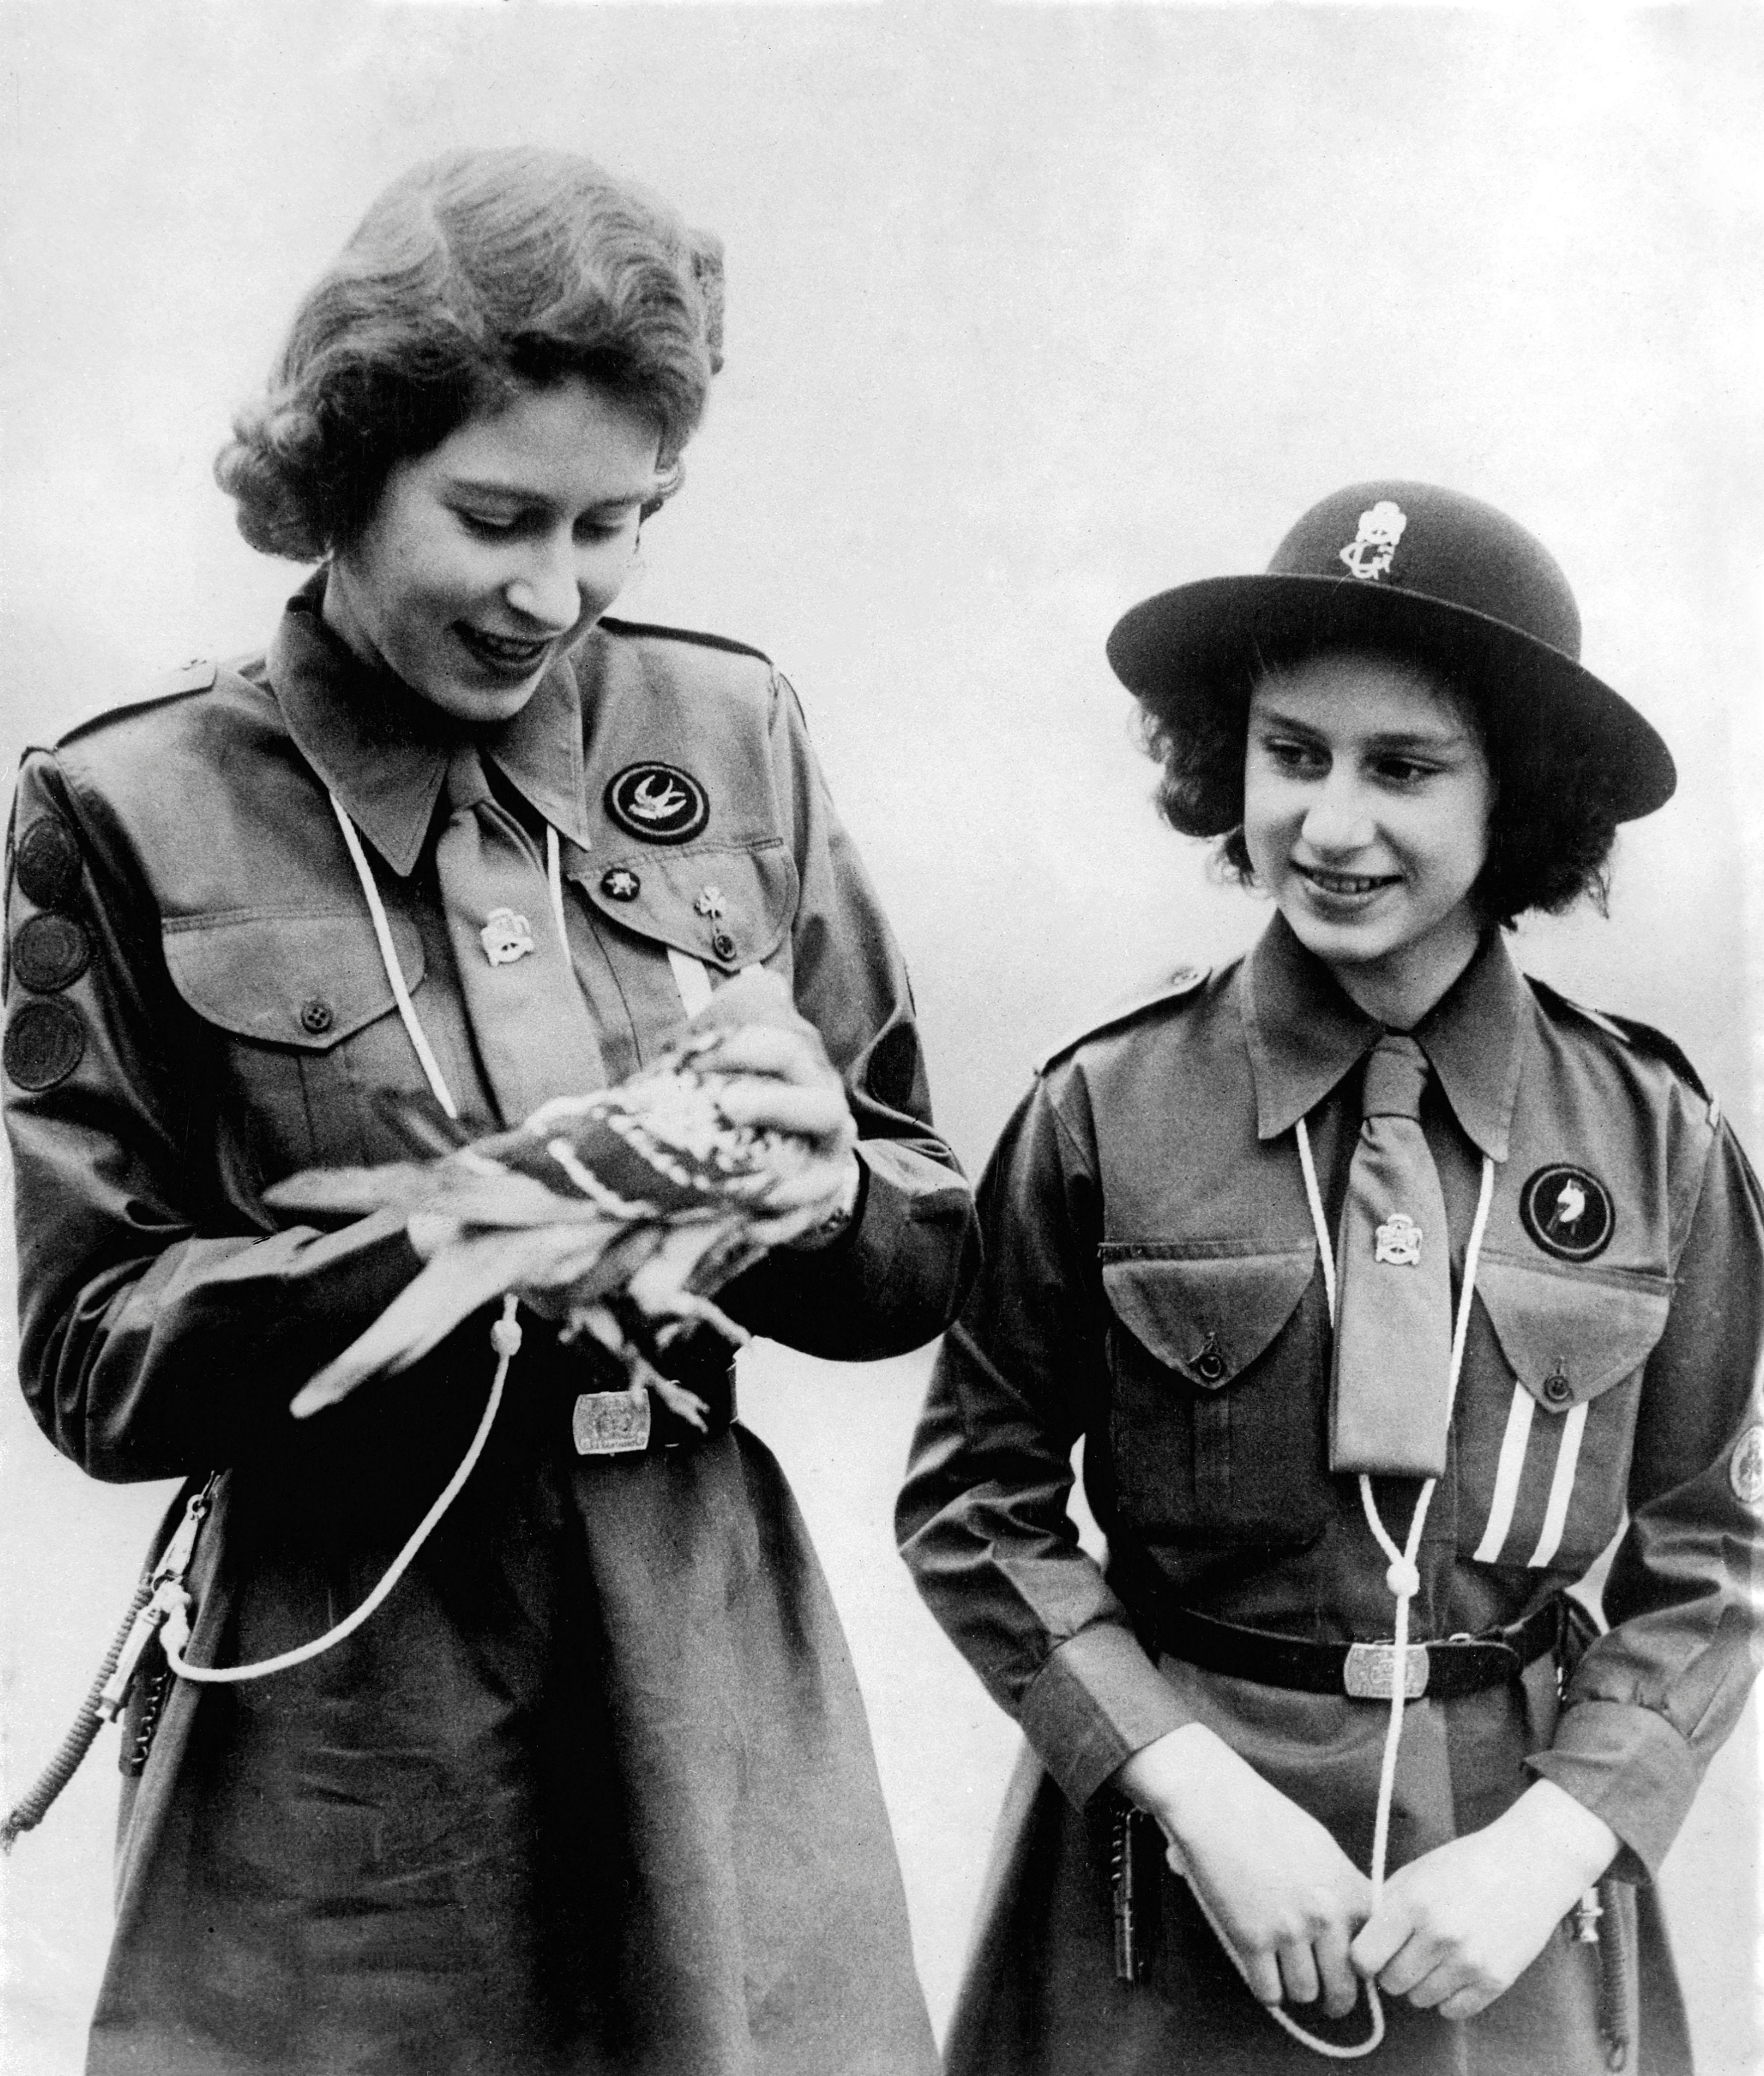 La reina Isabel II, cuando aún era princesa, mostrándole a su hermana Margaret una de las palomas mensajeras.